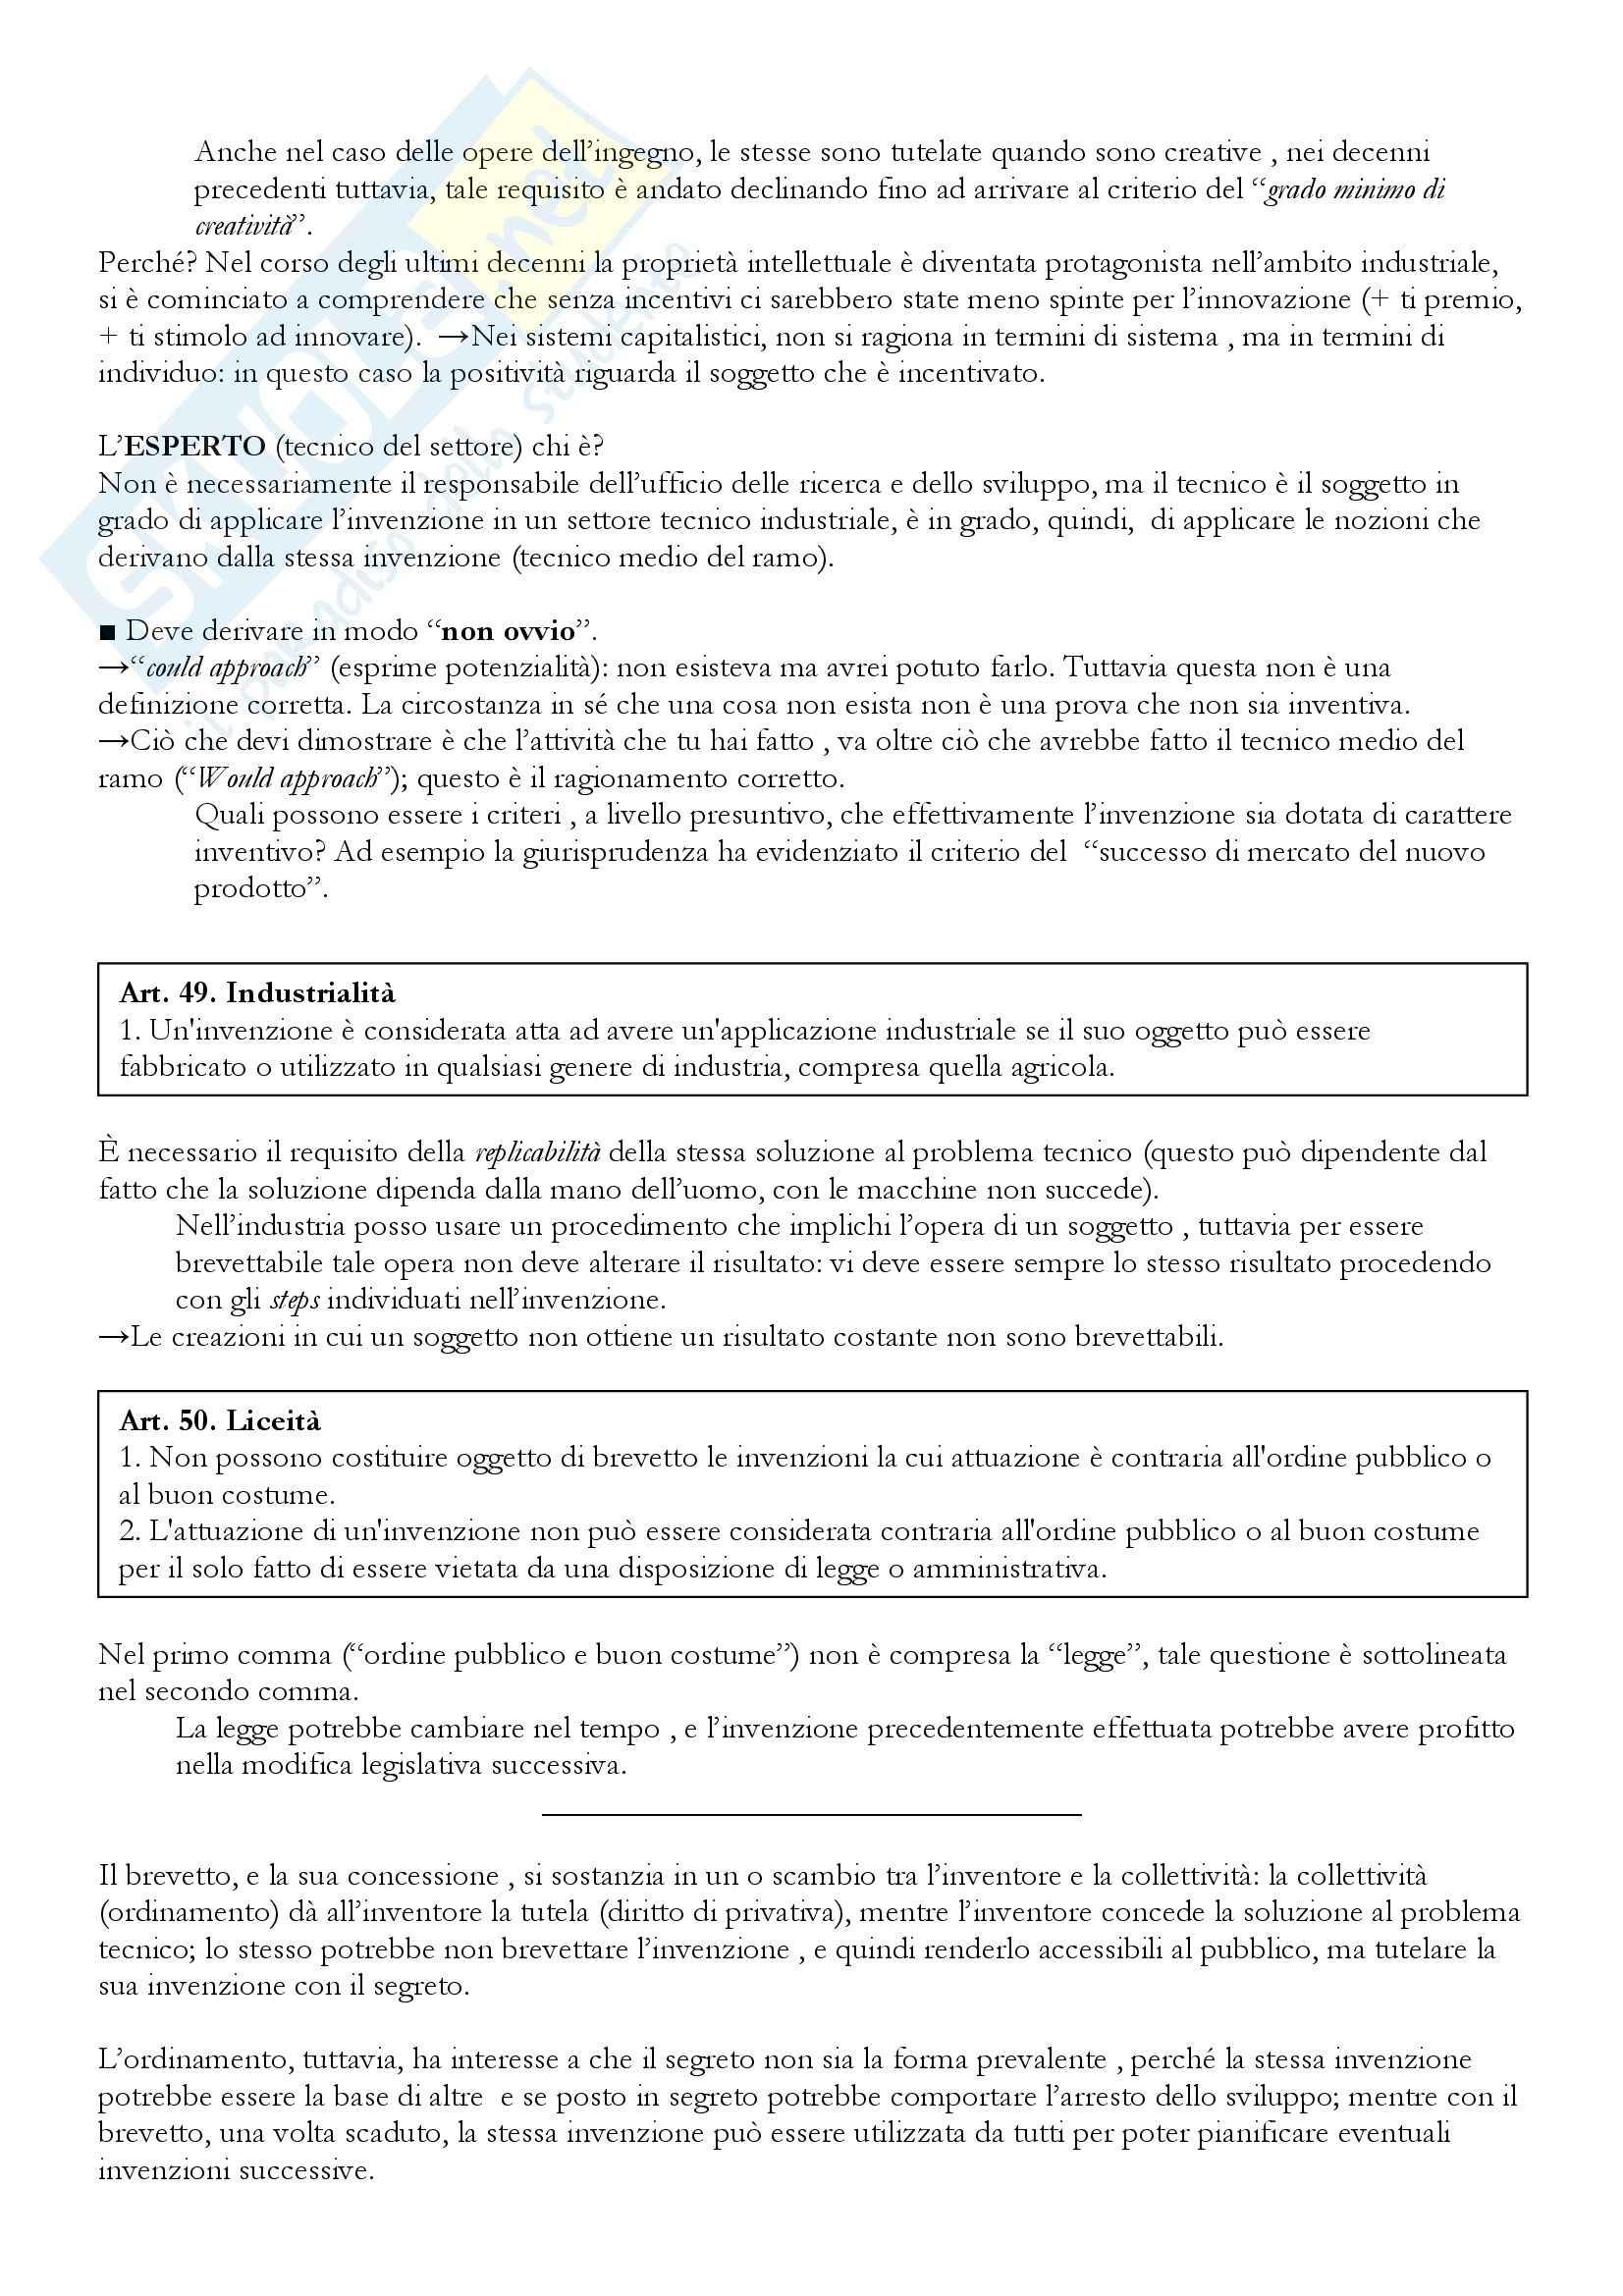 Diritto industriale - il diritto della proprietà intellettuale Pag. 31